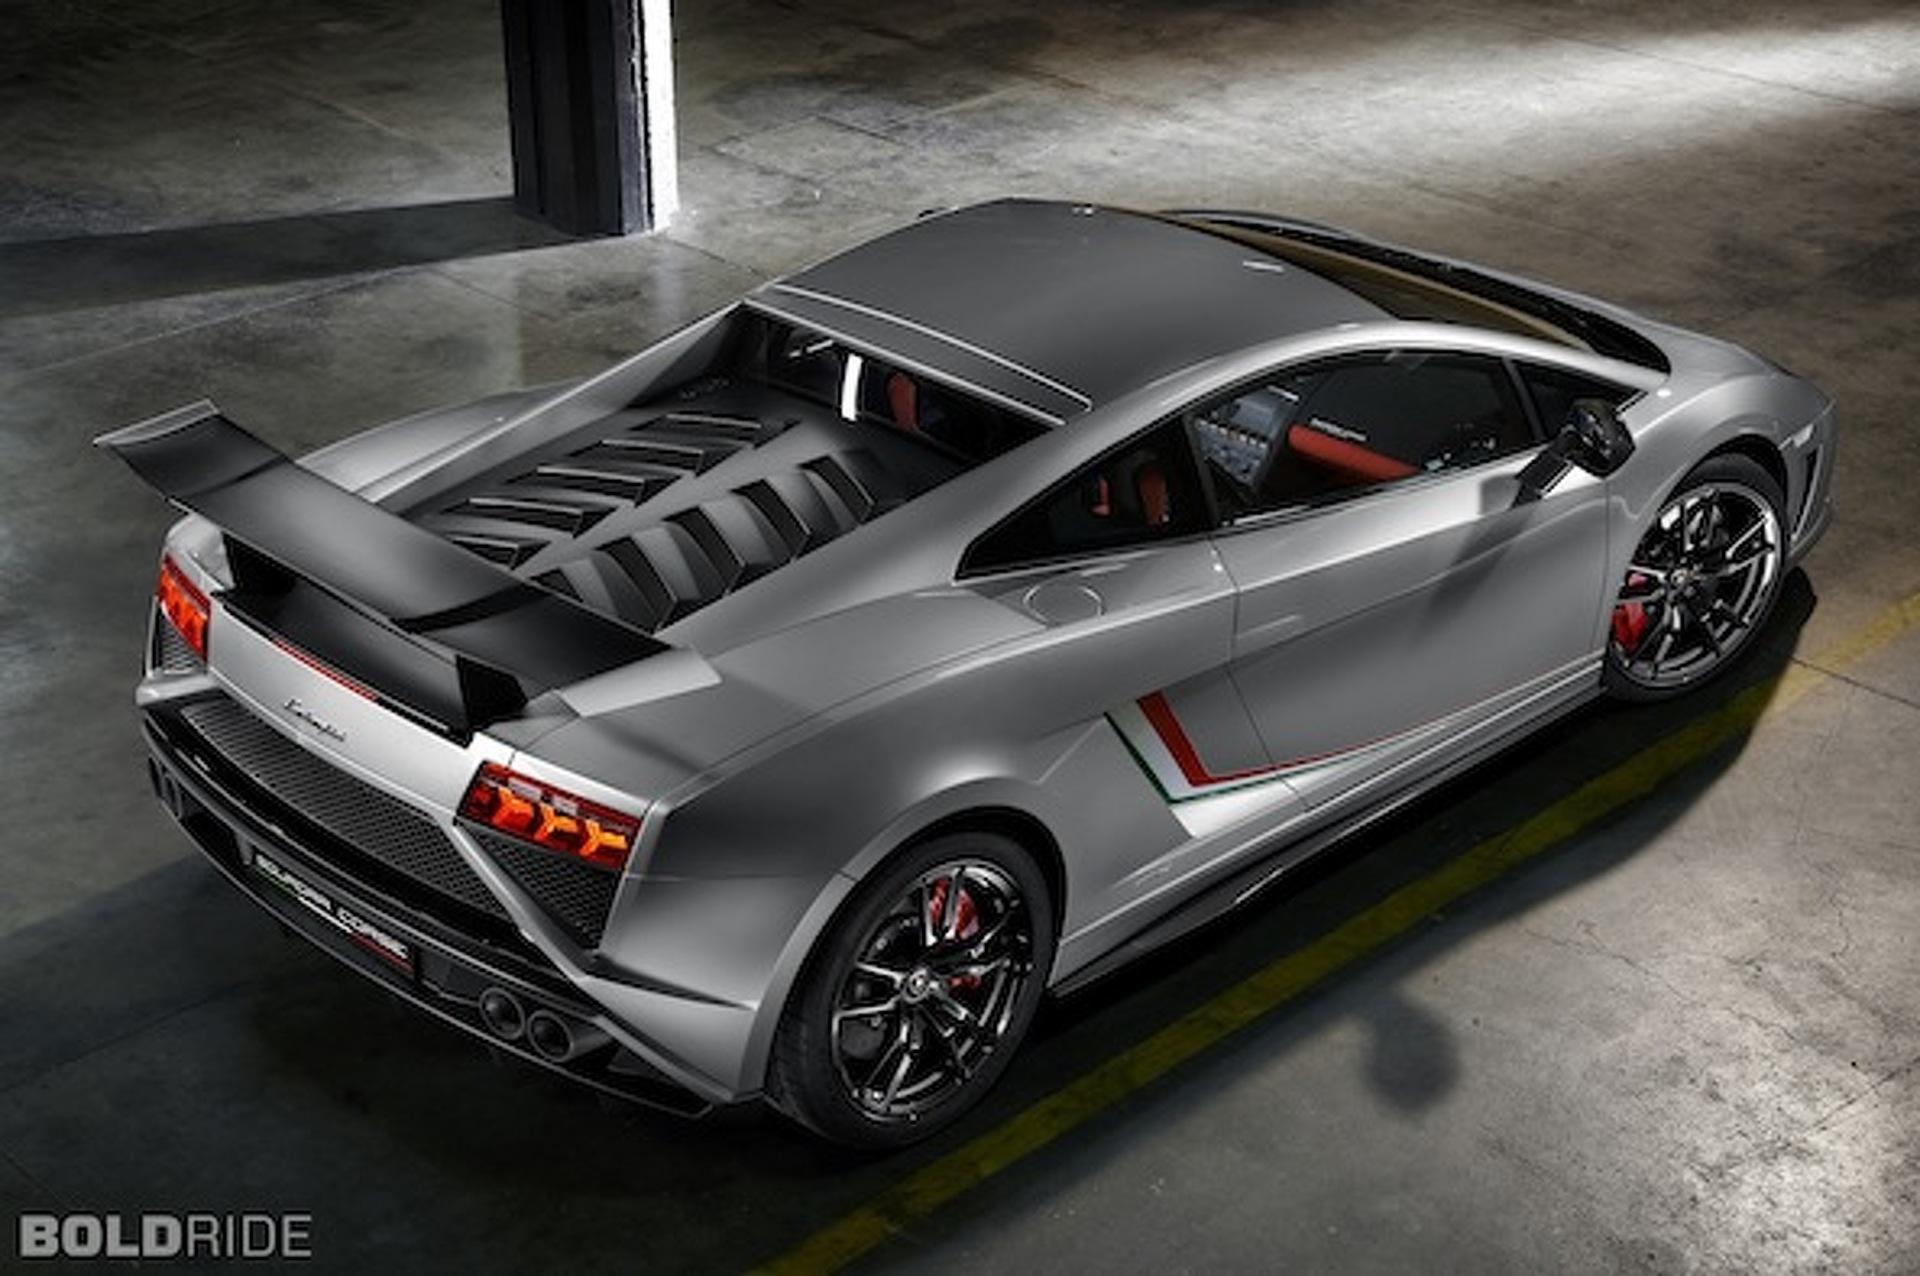 Lamborghini Dishes Out New Photos and Video of Gallardo Squadra Corse